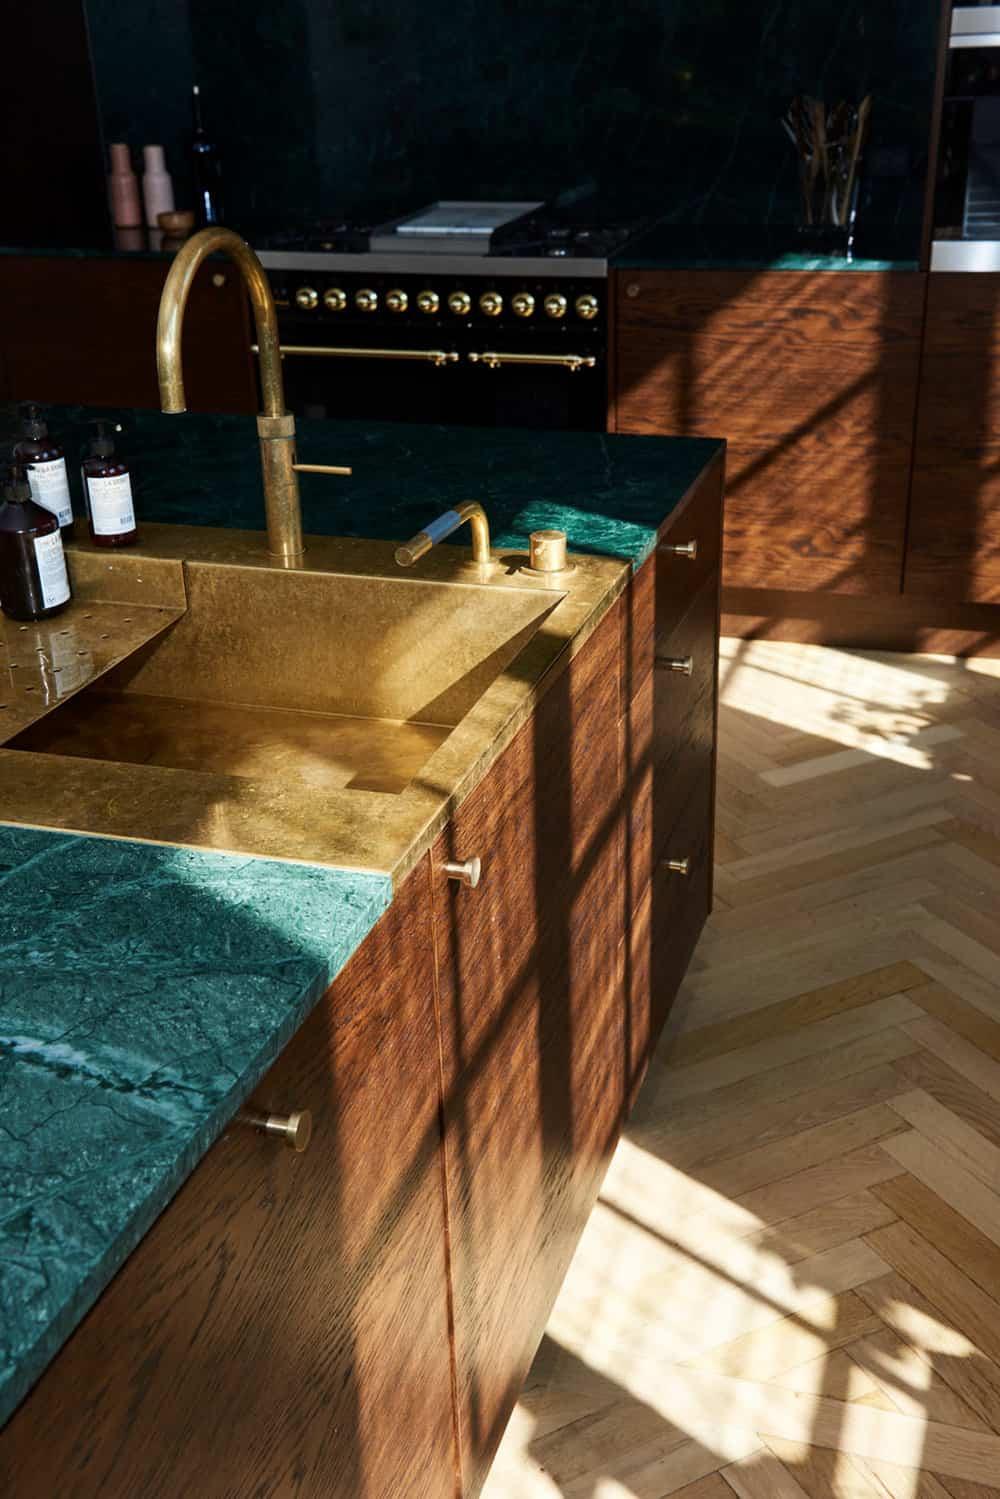 Handcrafted_interior_kitchen_clean_DSC5689a_web_3.jpg